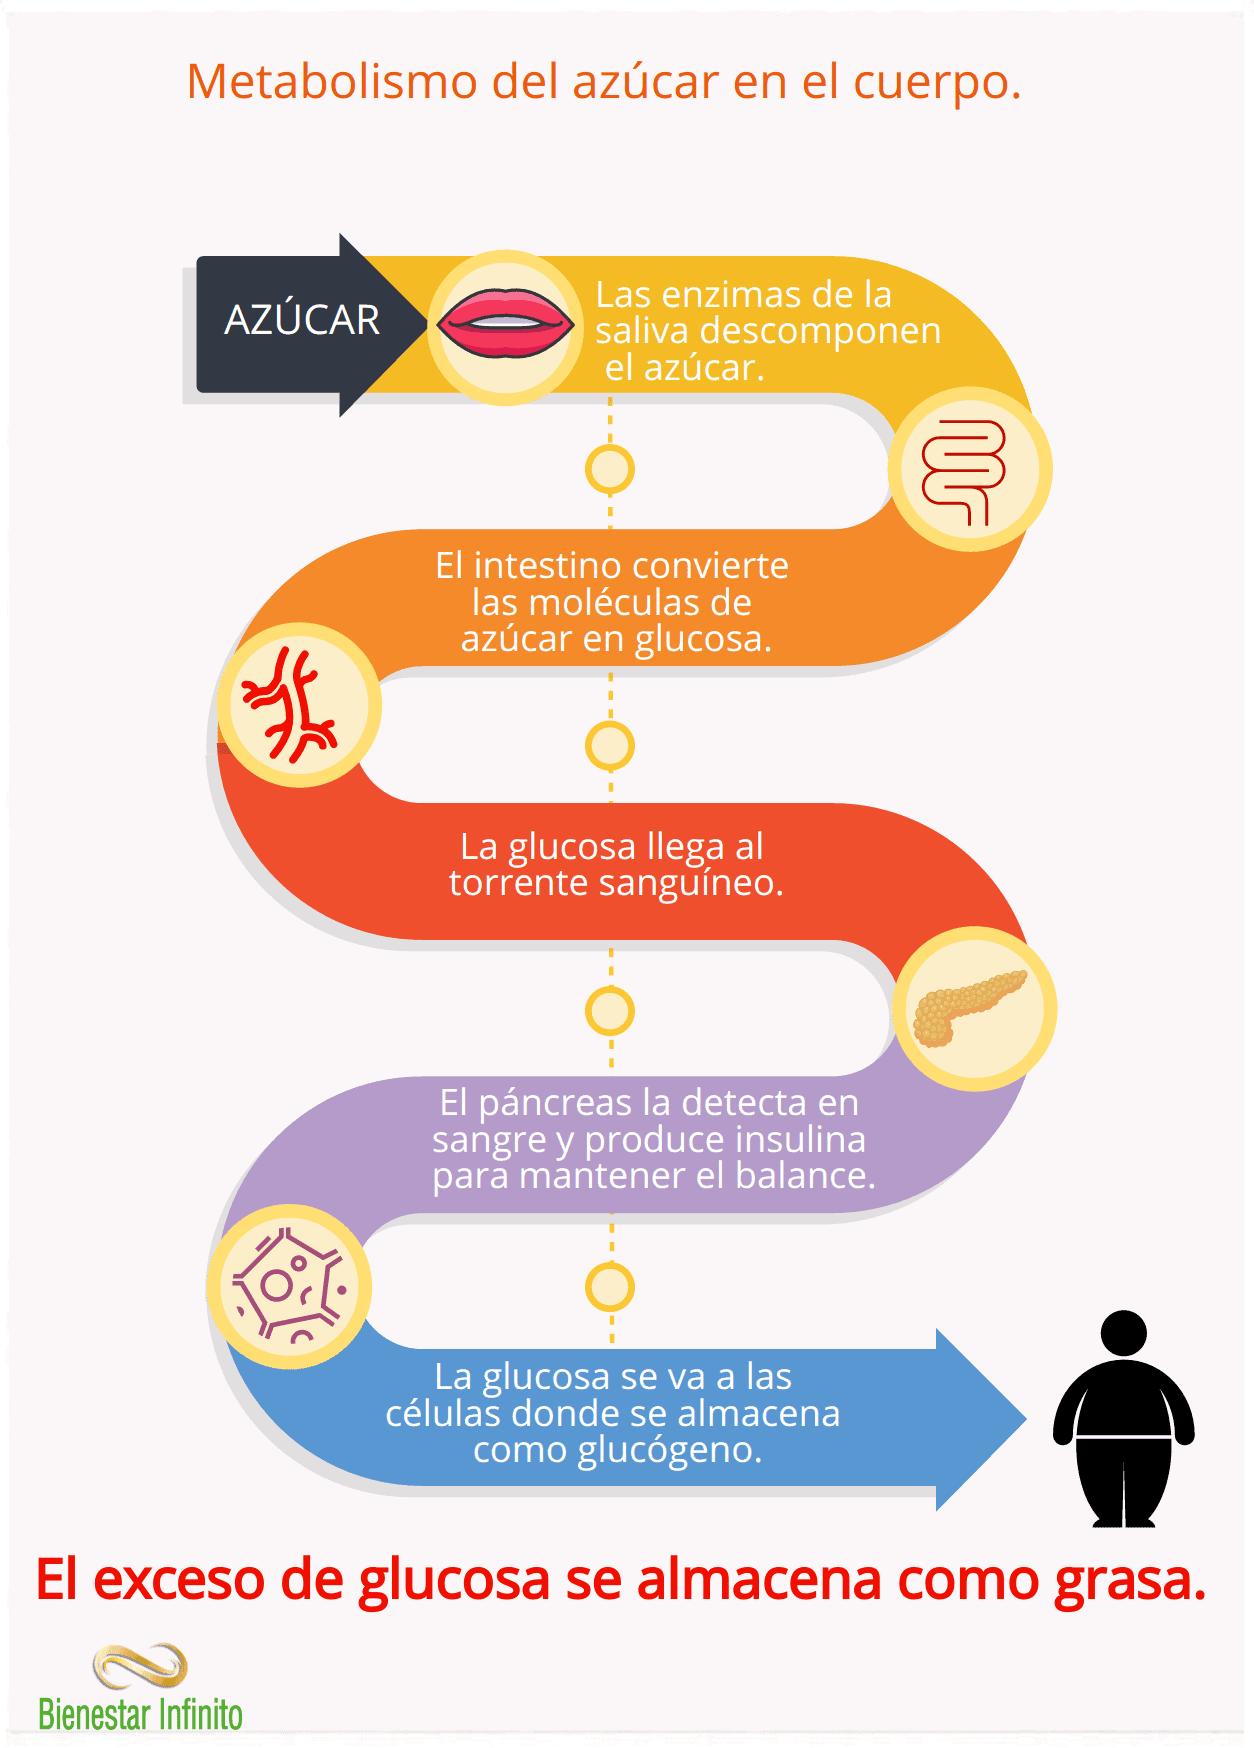 Metabolización del azúcar